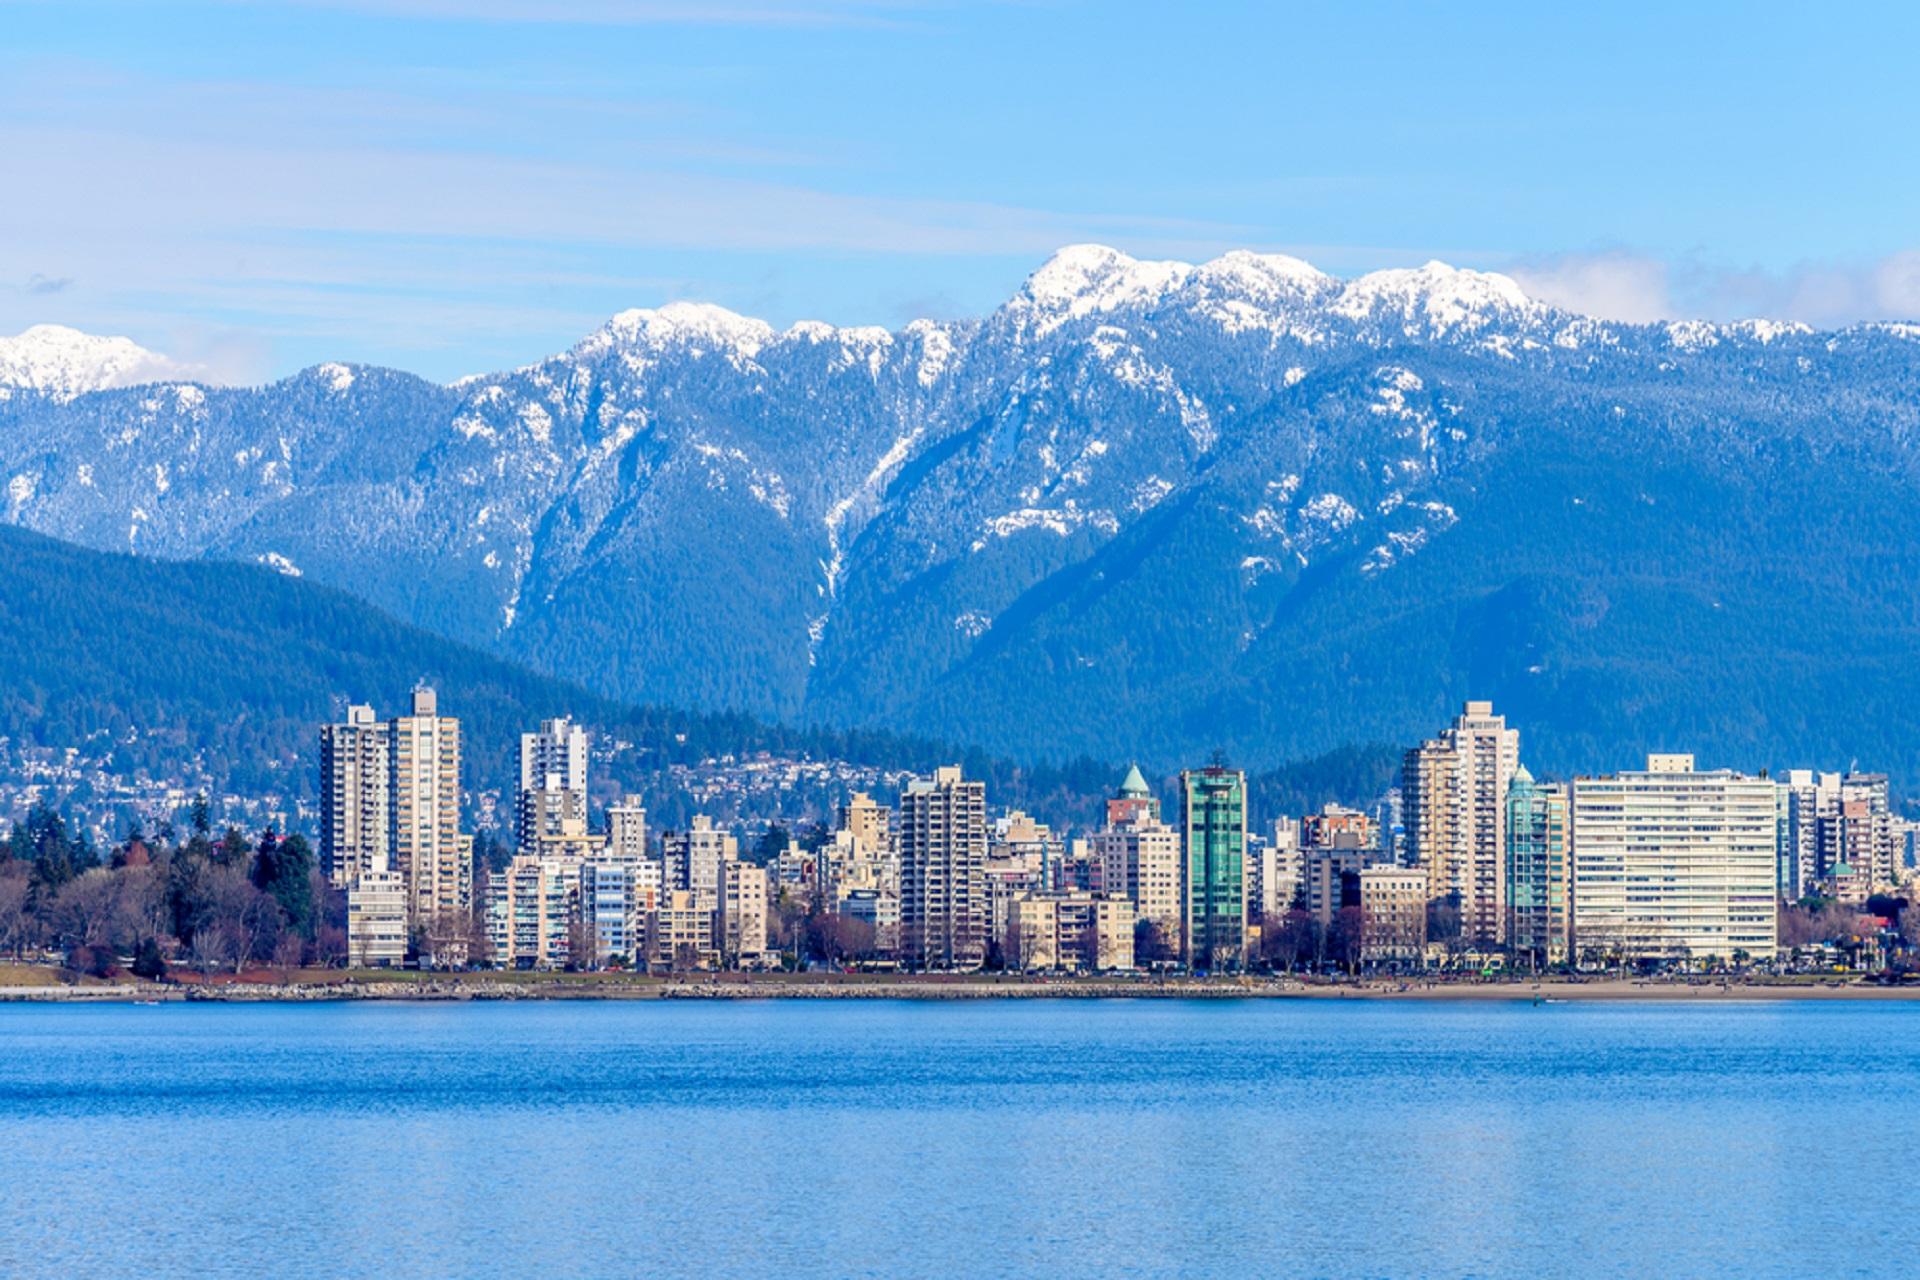 Vancouver, Canada_586737248